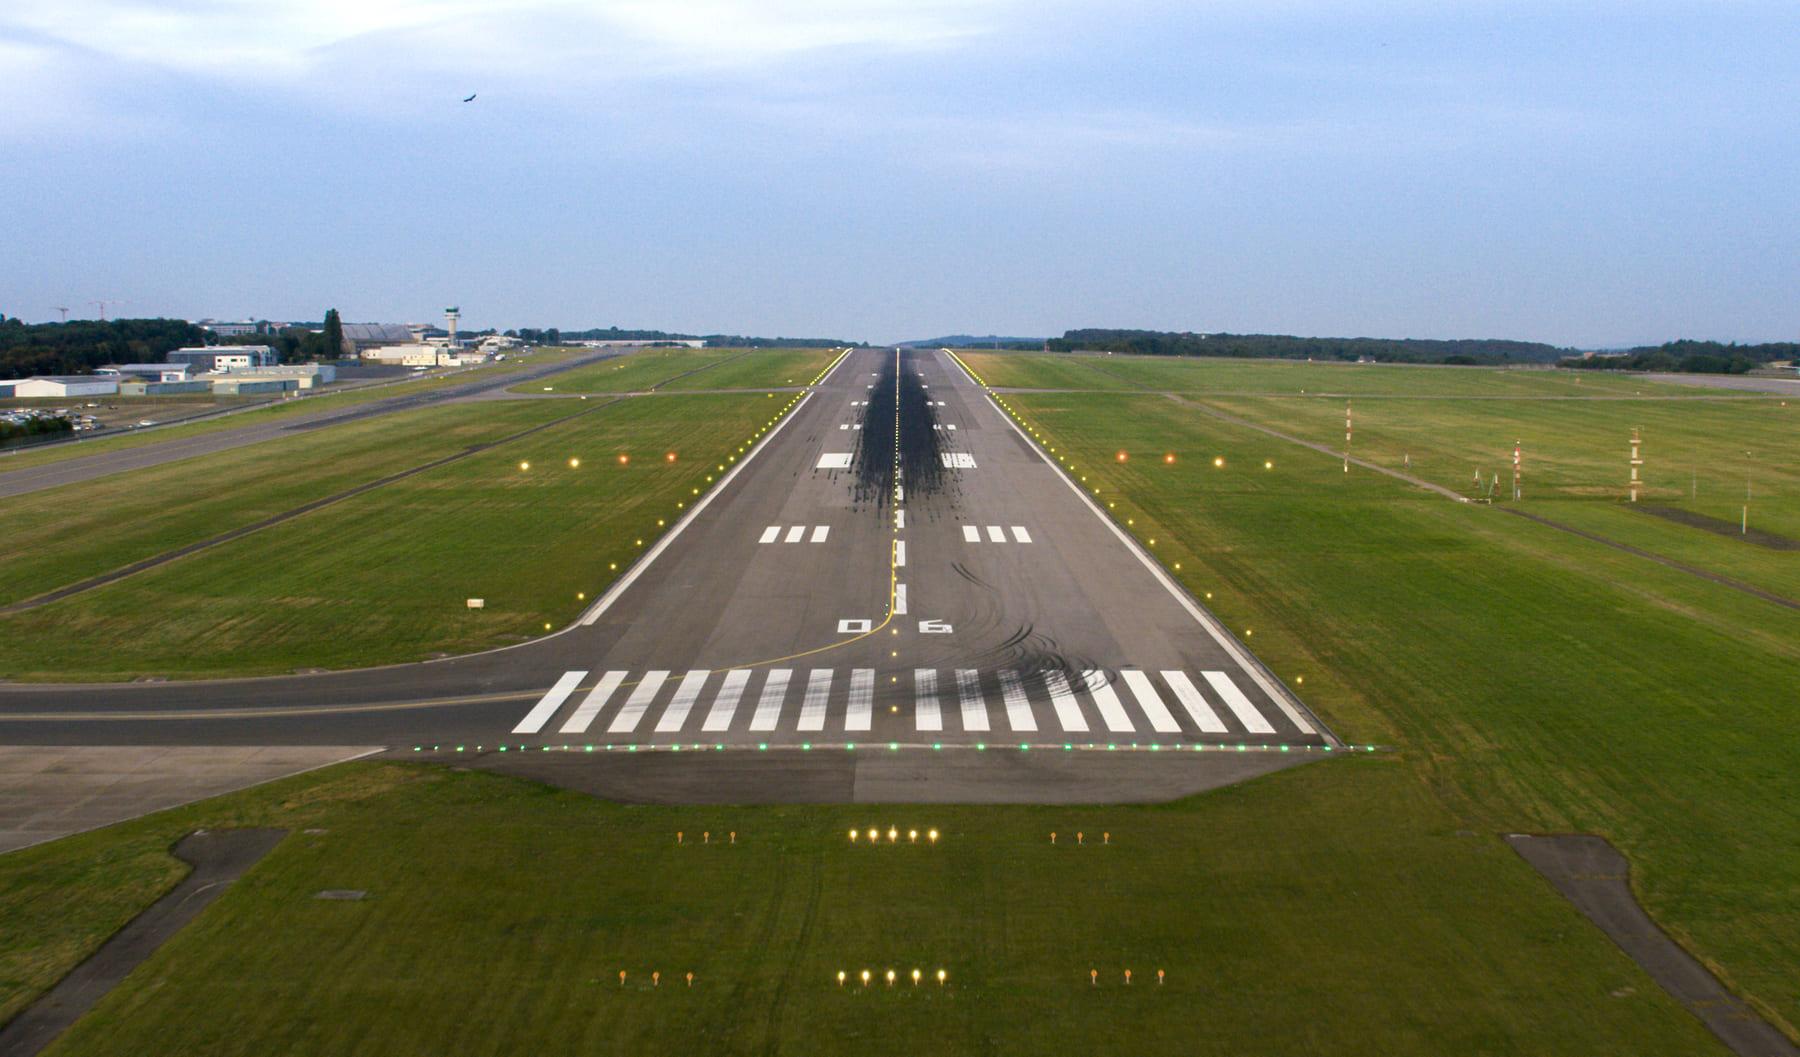 Piste aéroport du Luxembourg